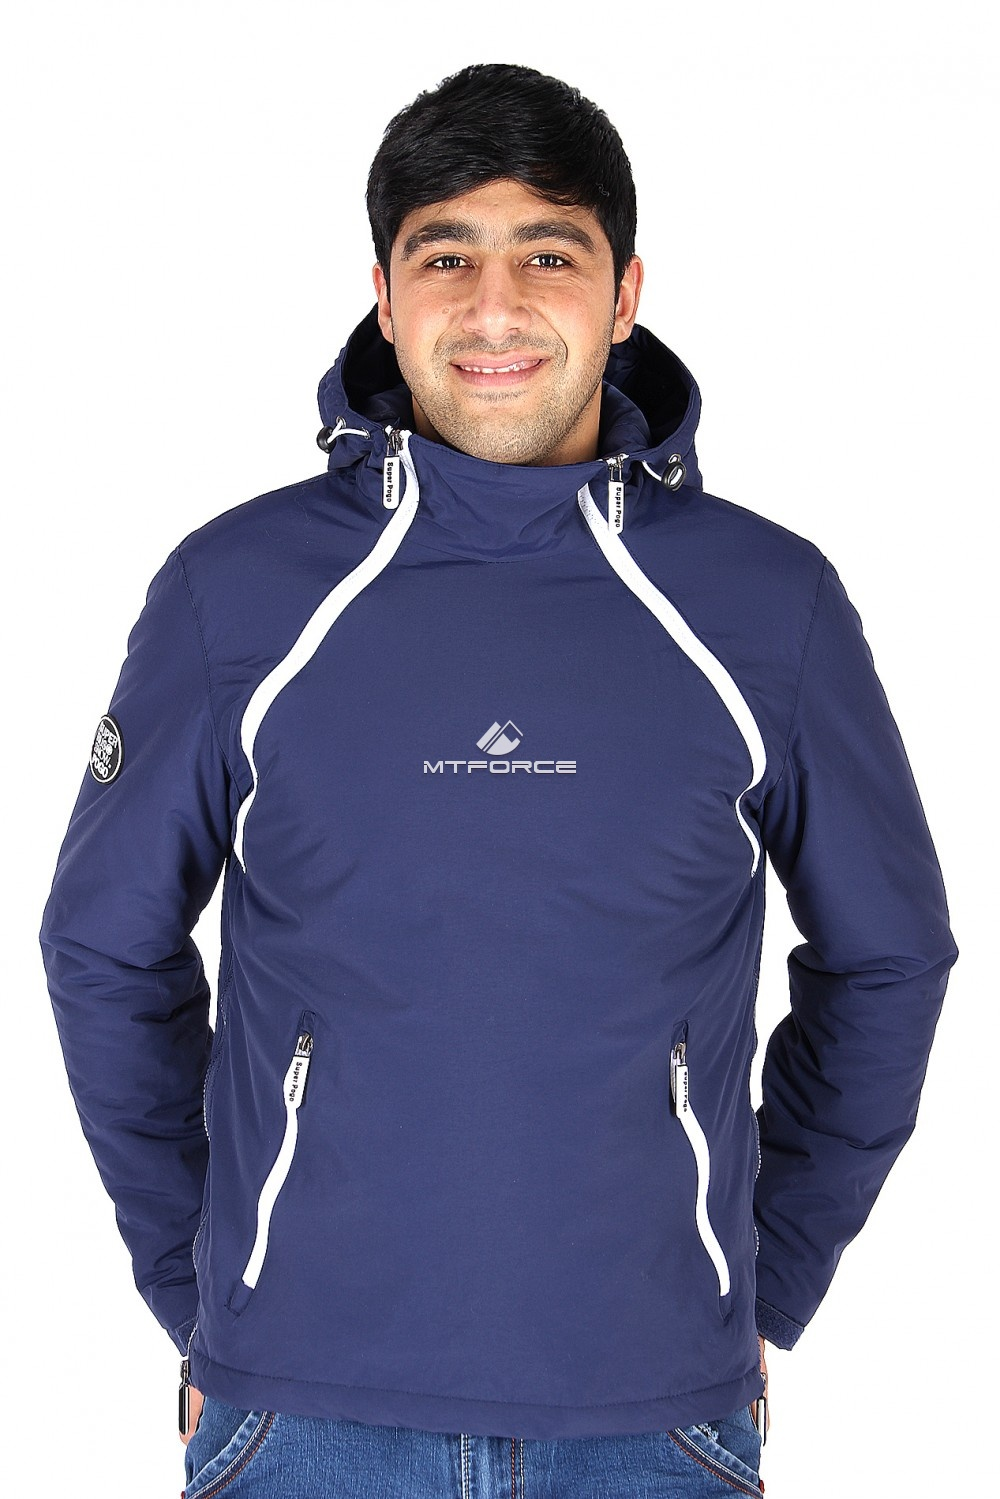 Купить                                  оптом Куртка анорак мужская темно-синего цвета 178TS